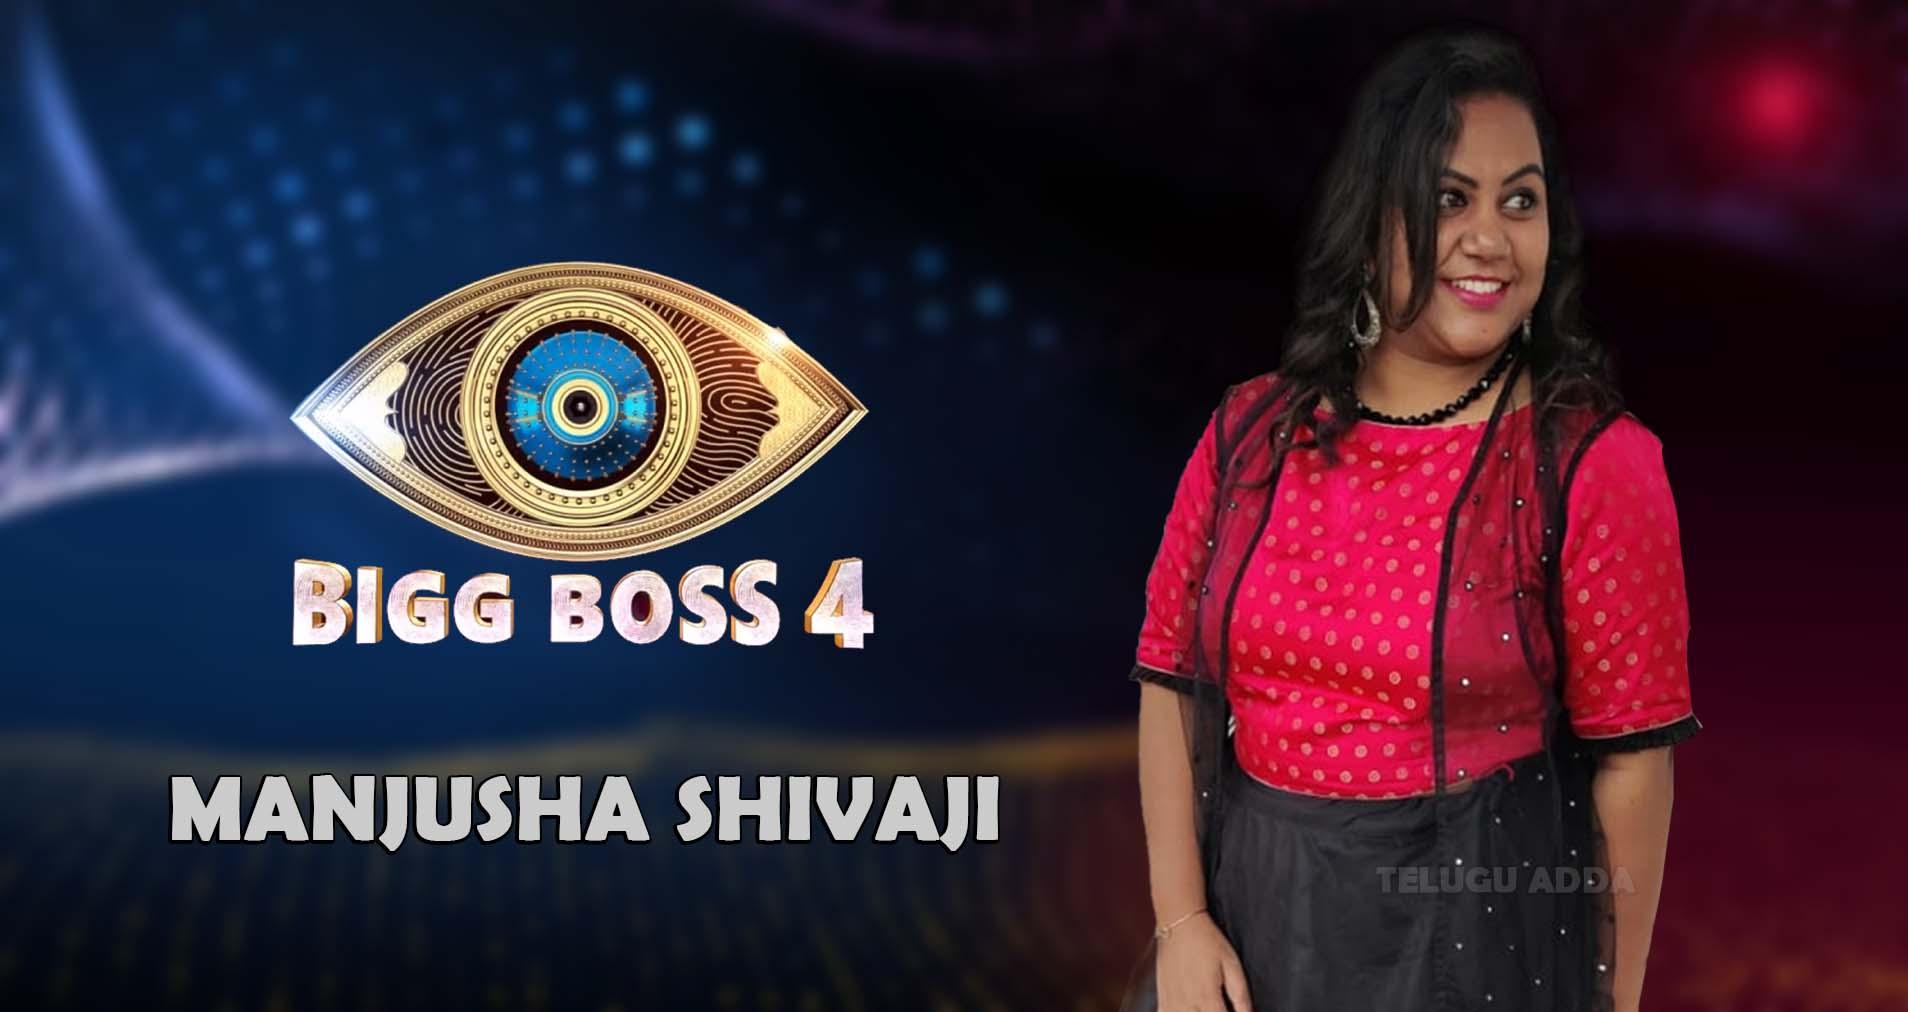 Bigg Boss Manjusha Shivaji